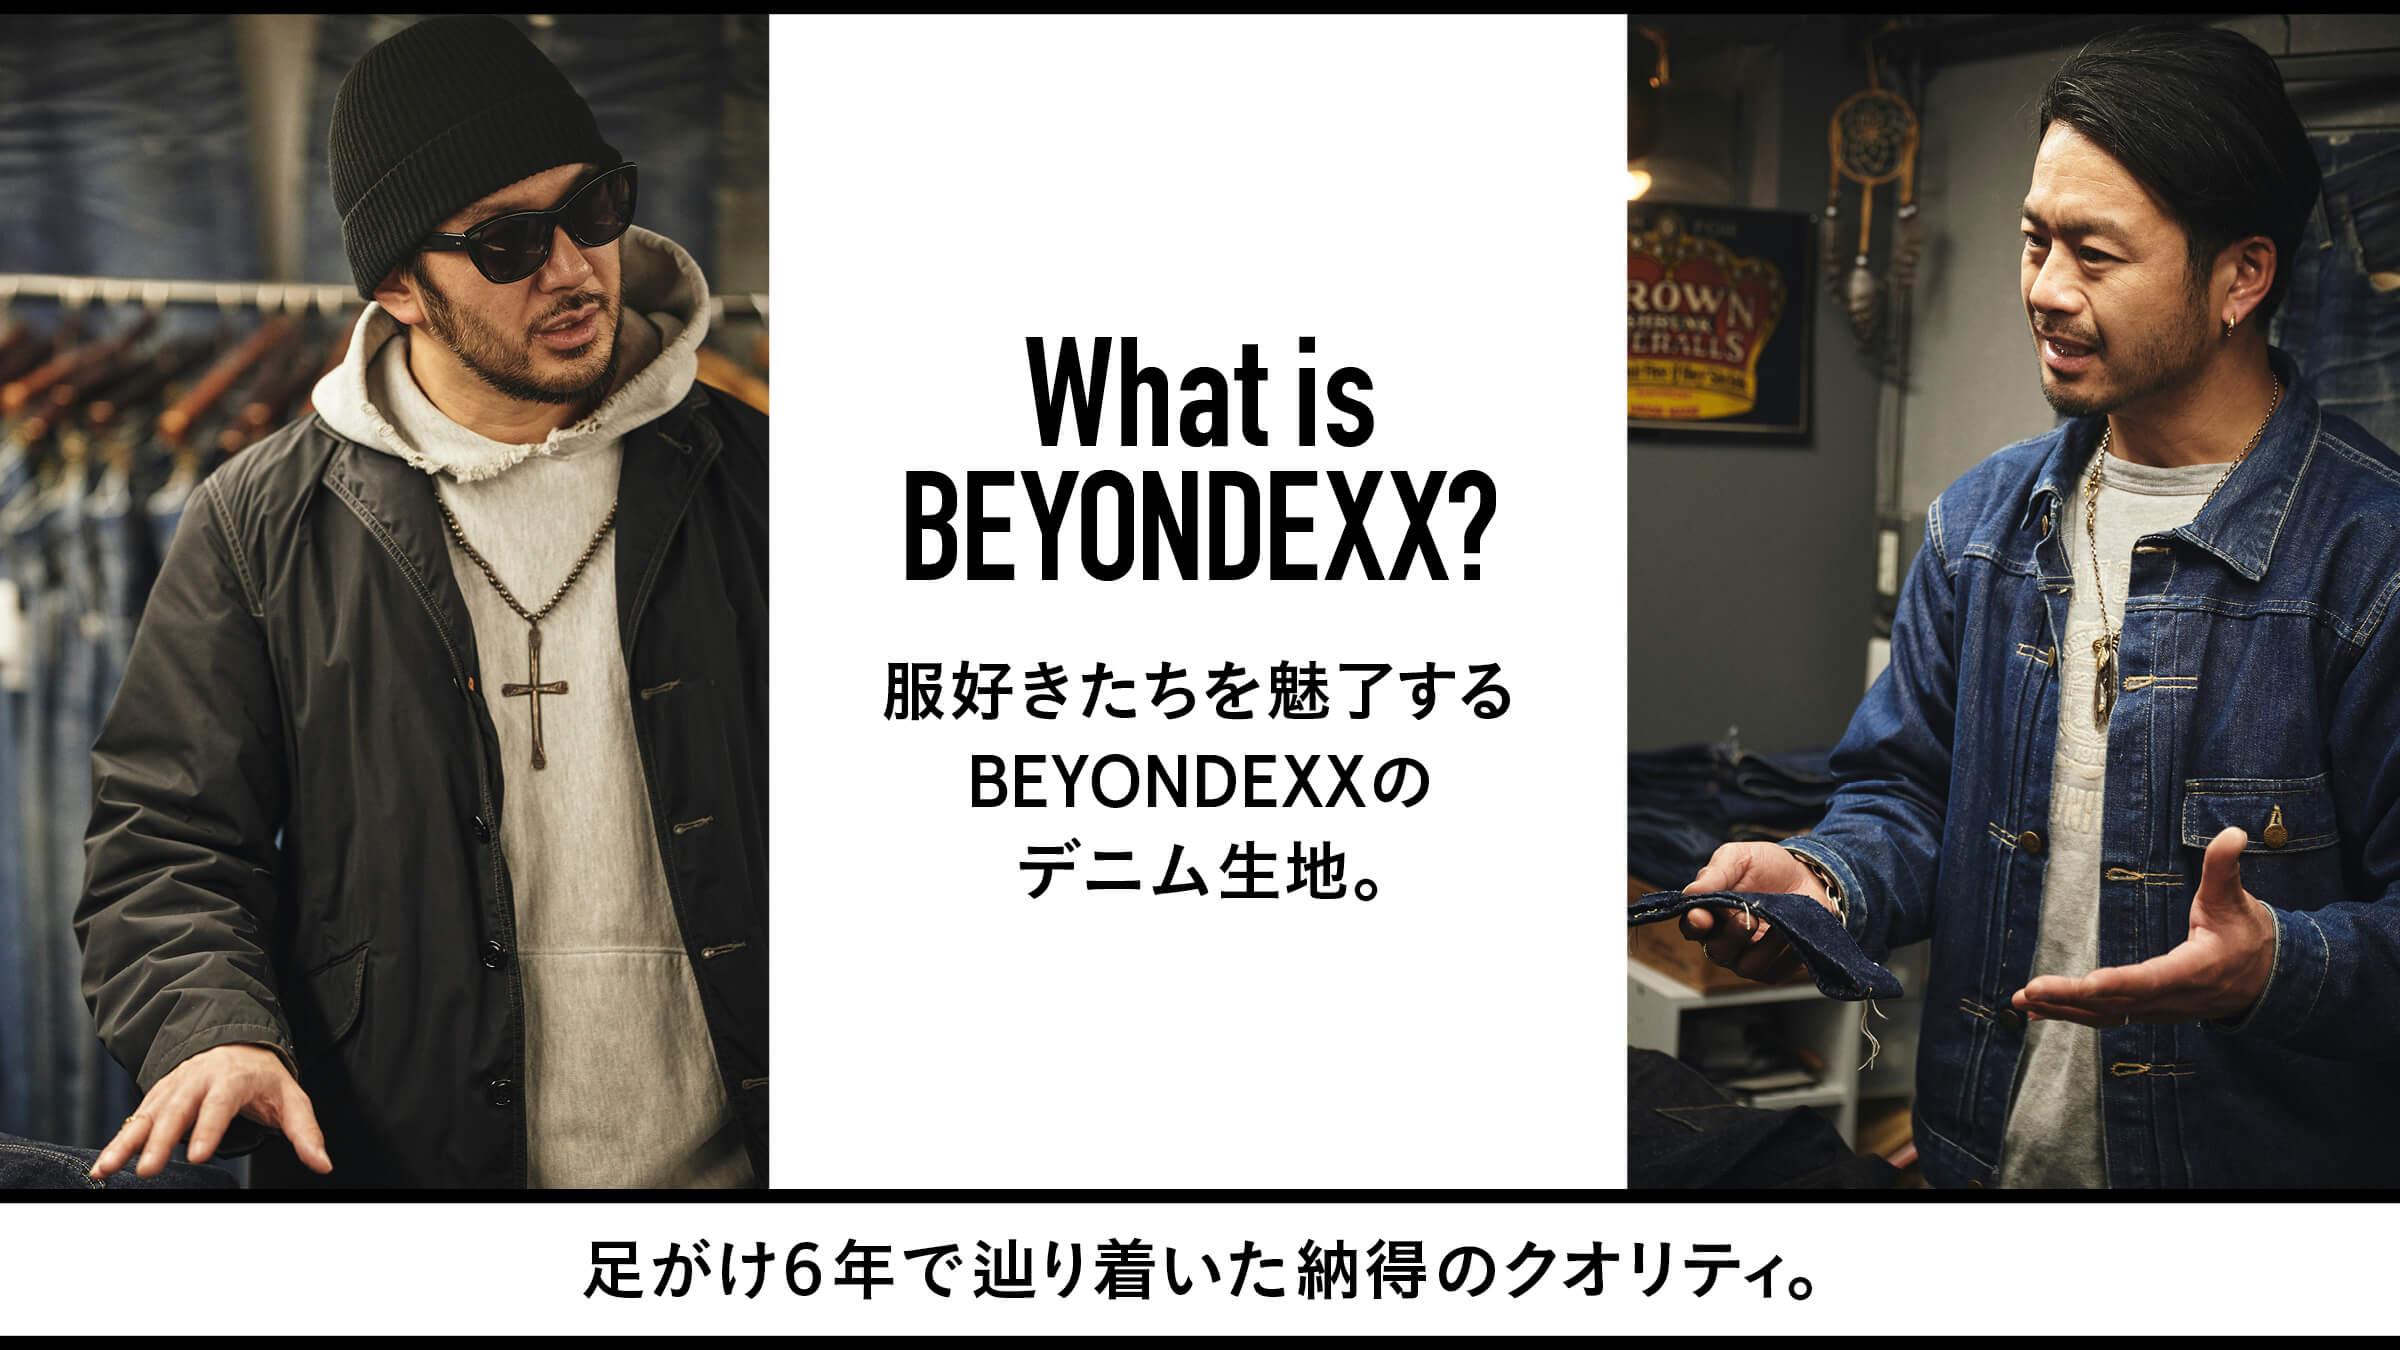 足がけ6年で辿り着いた納得のクオリティ。服好きたちを魅了するBEYONDEXXのデニム生地。